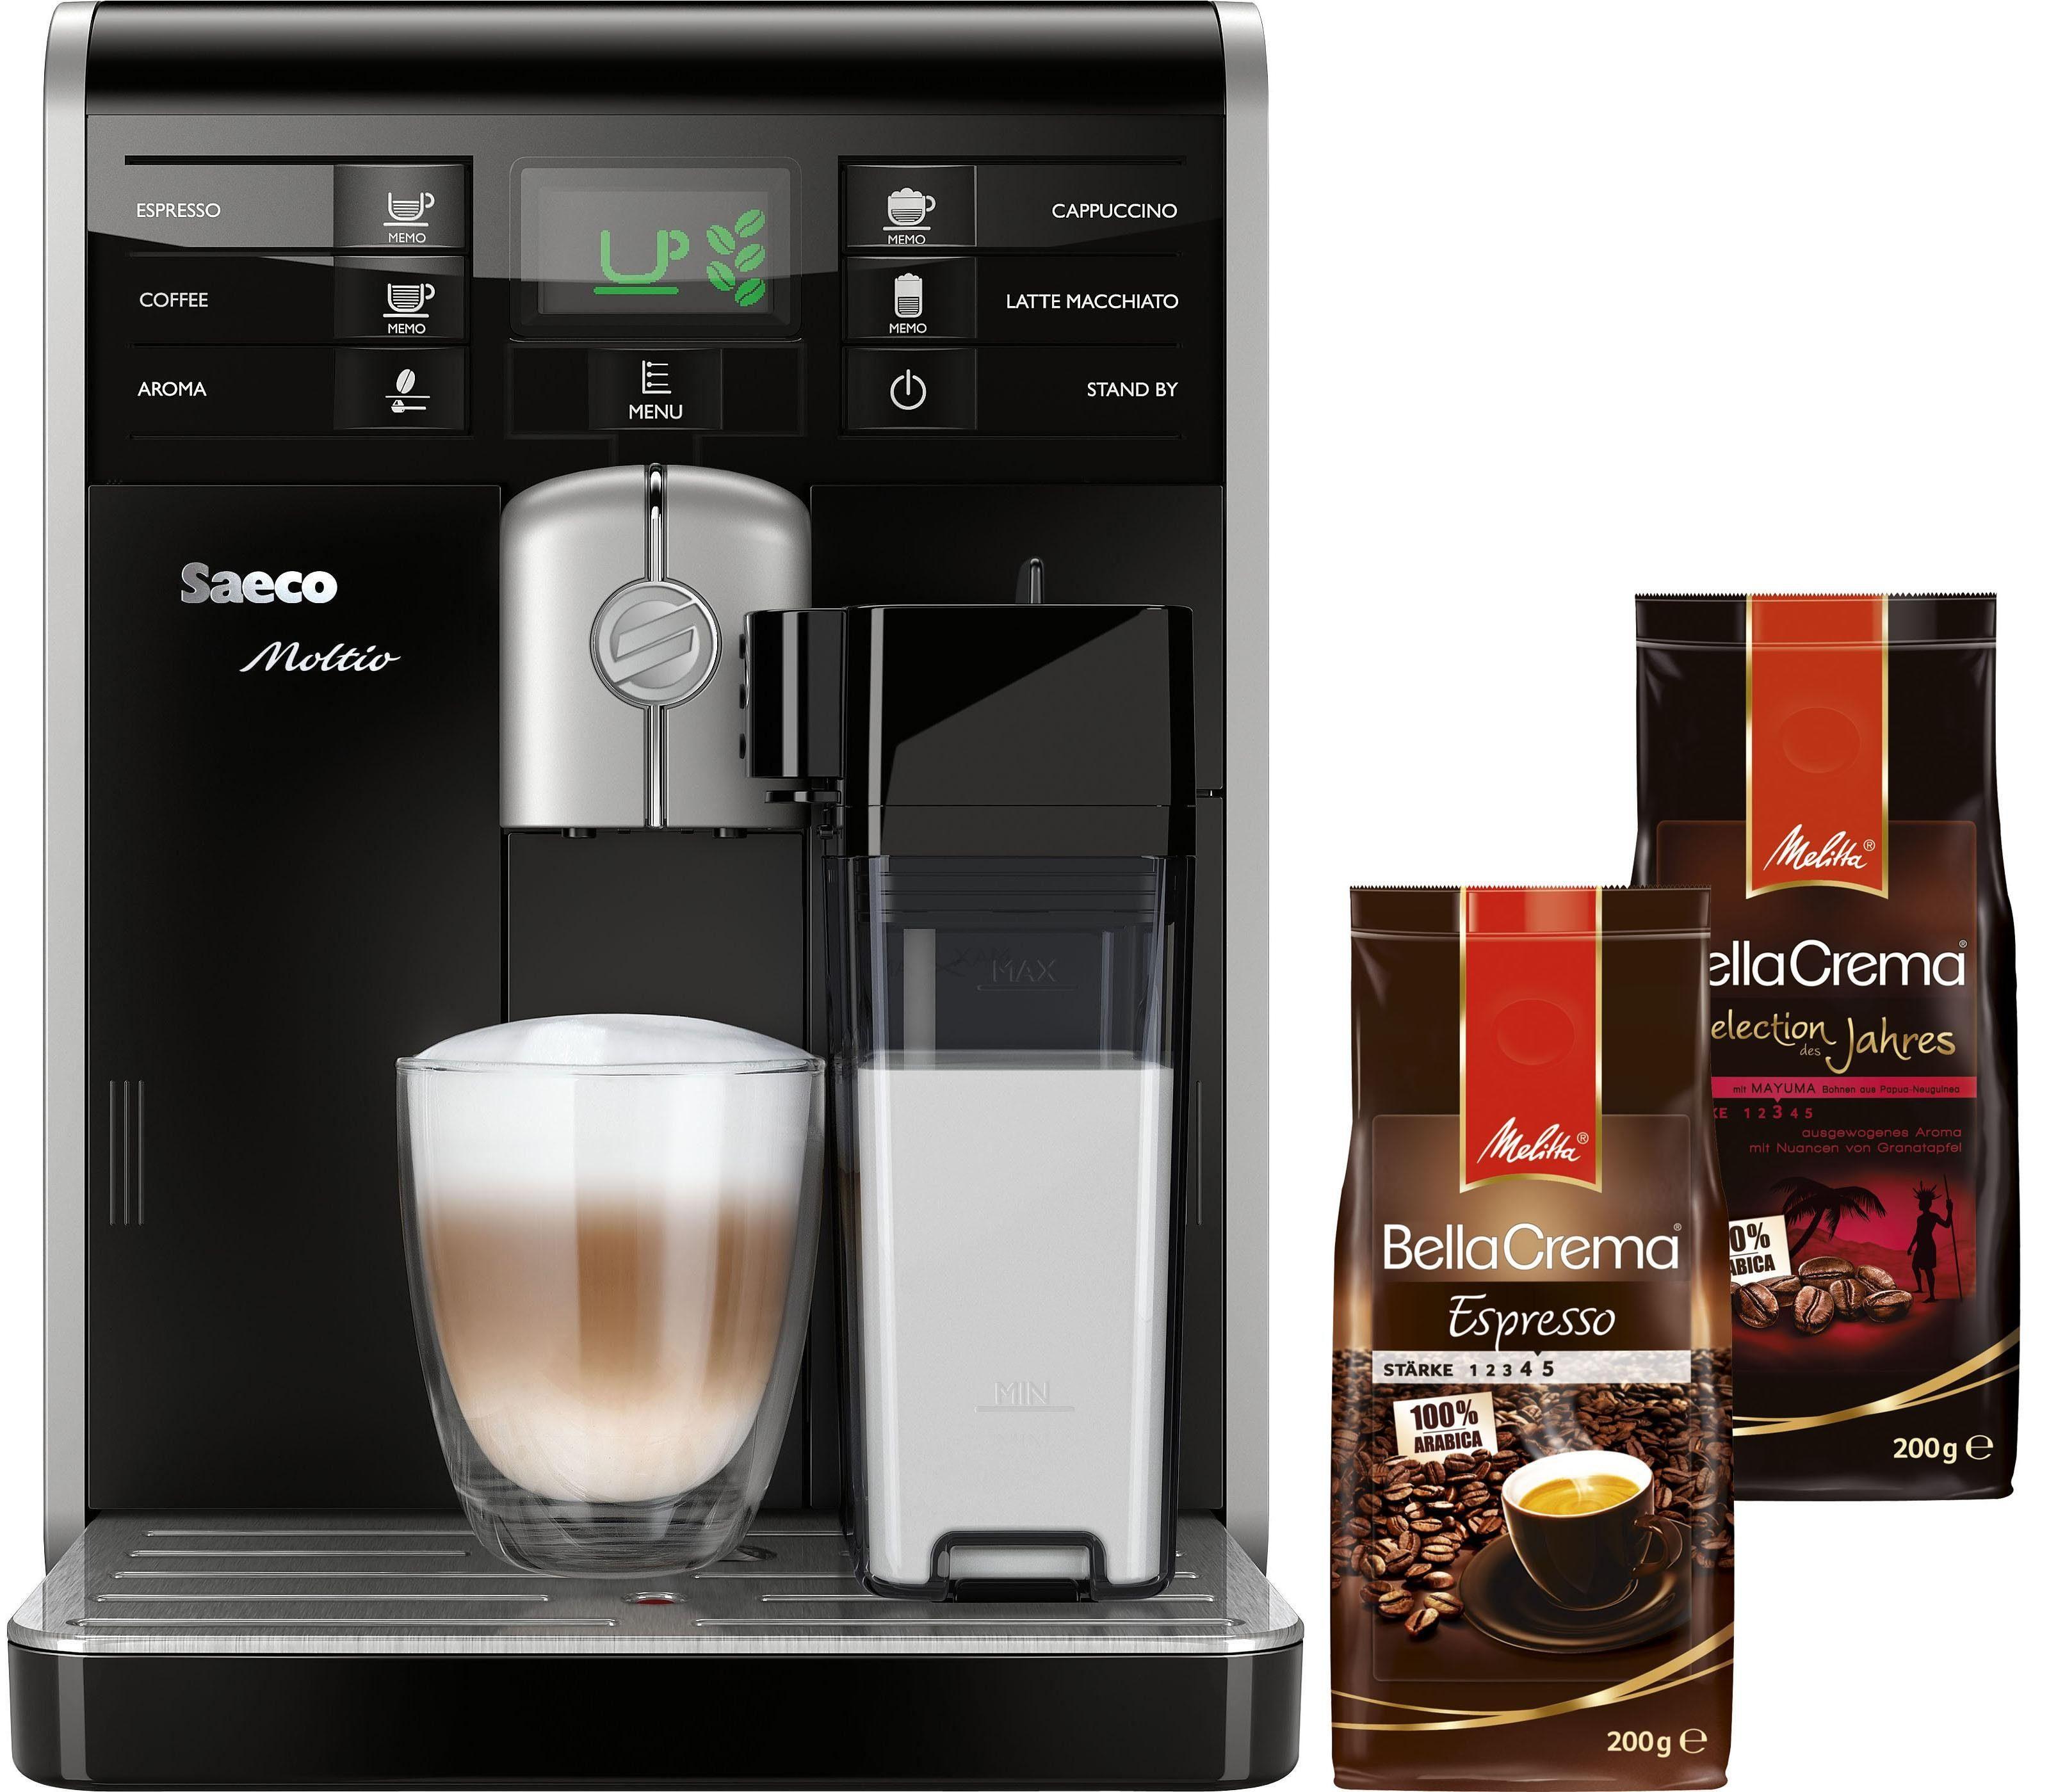 Saeco Kaffeevollautomat »HD8769/01 Moltio One Touch« mit integrierter Milchkaraffe, schwarz